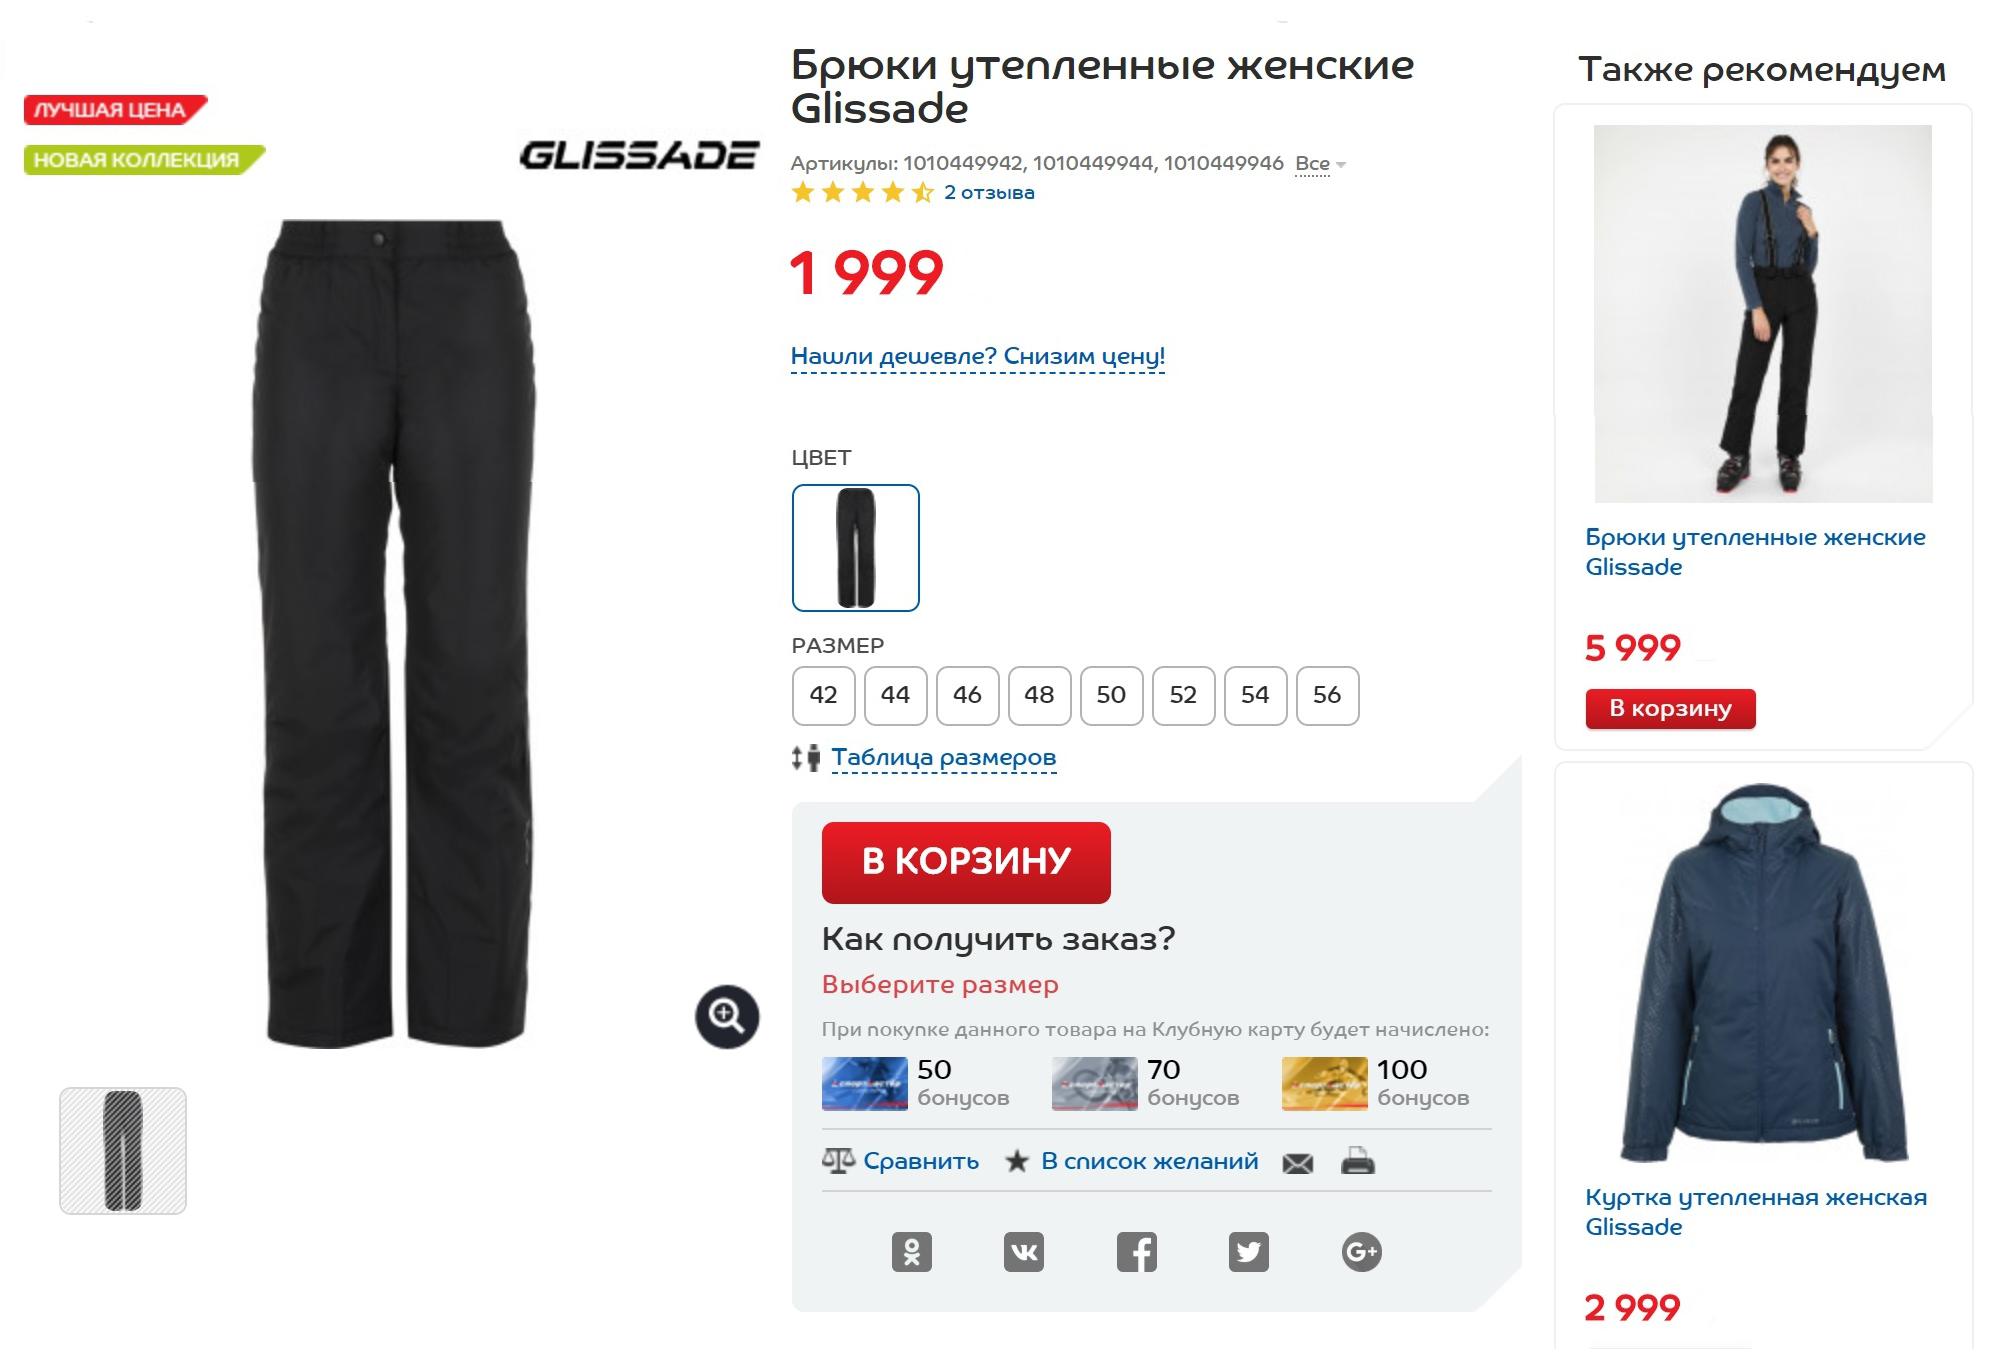 Самые простые брюки из «Спортмастера»